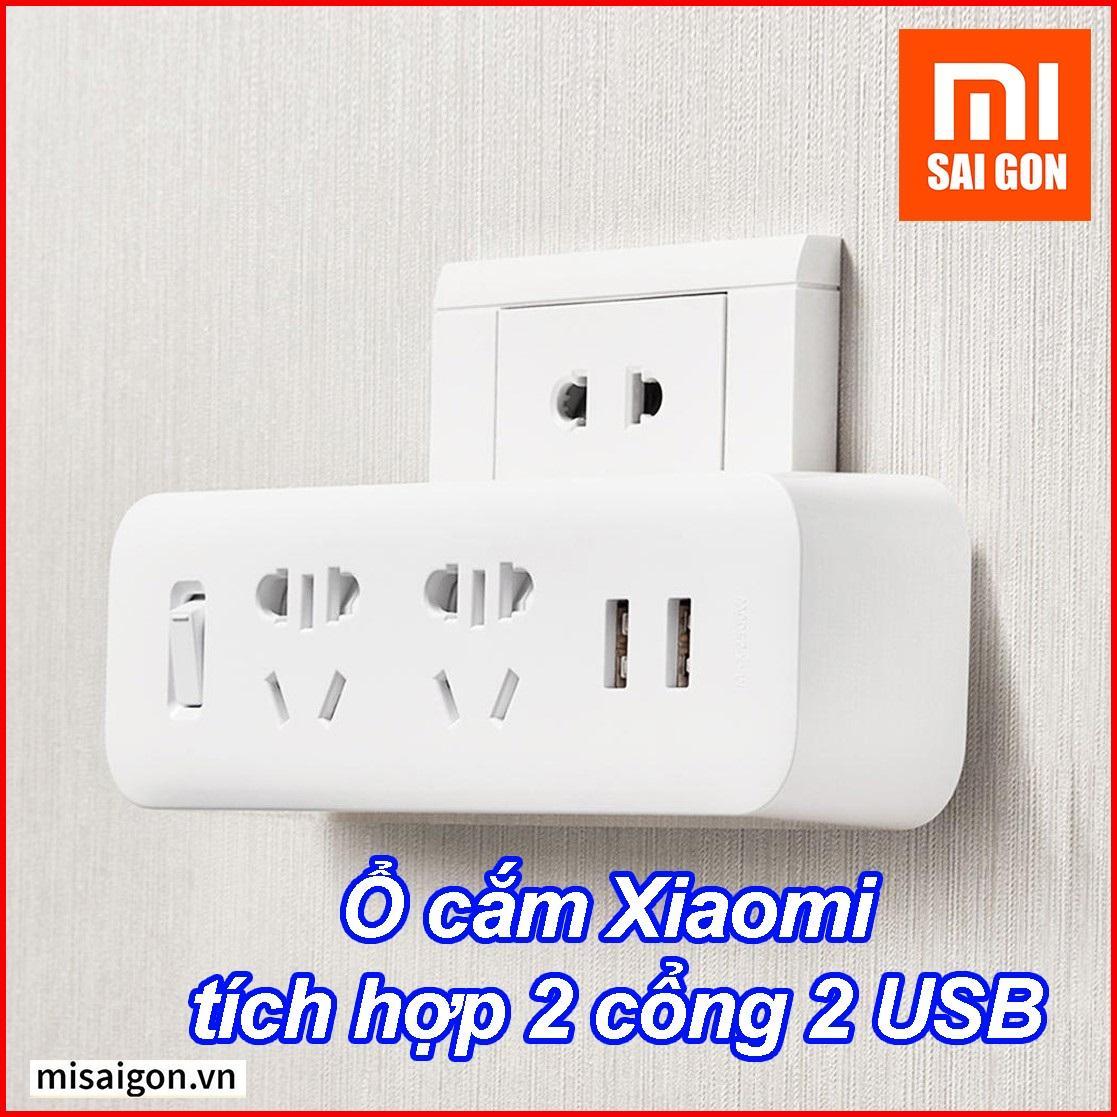 Ổ cắm Xiaomi tích hợp 2 cổng 2 USB